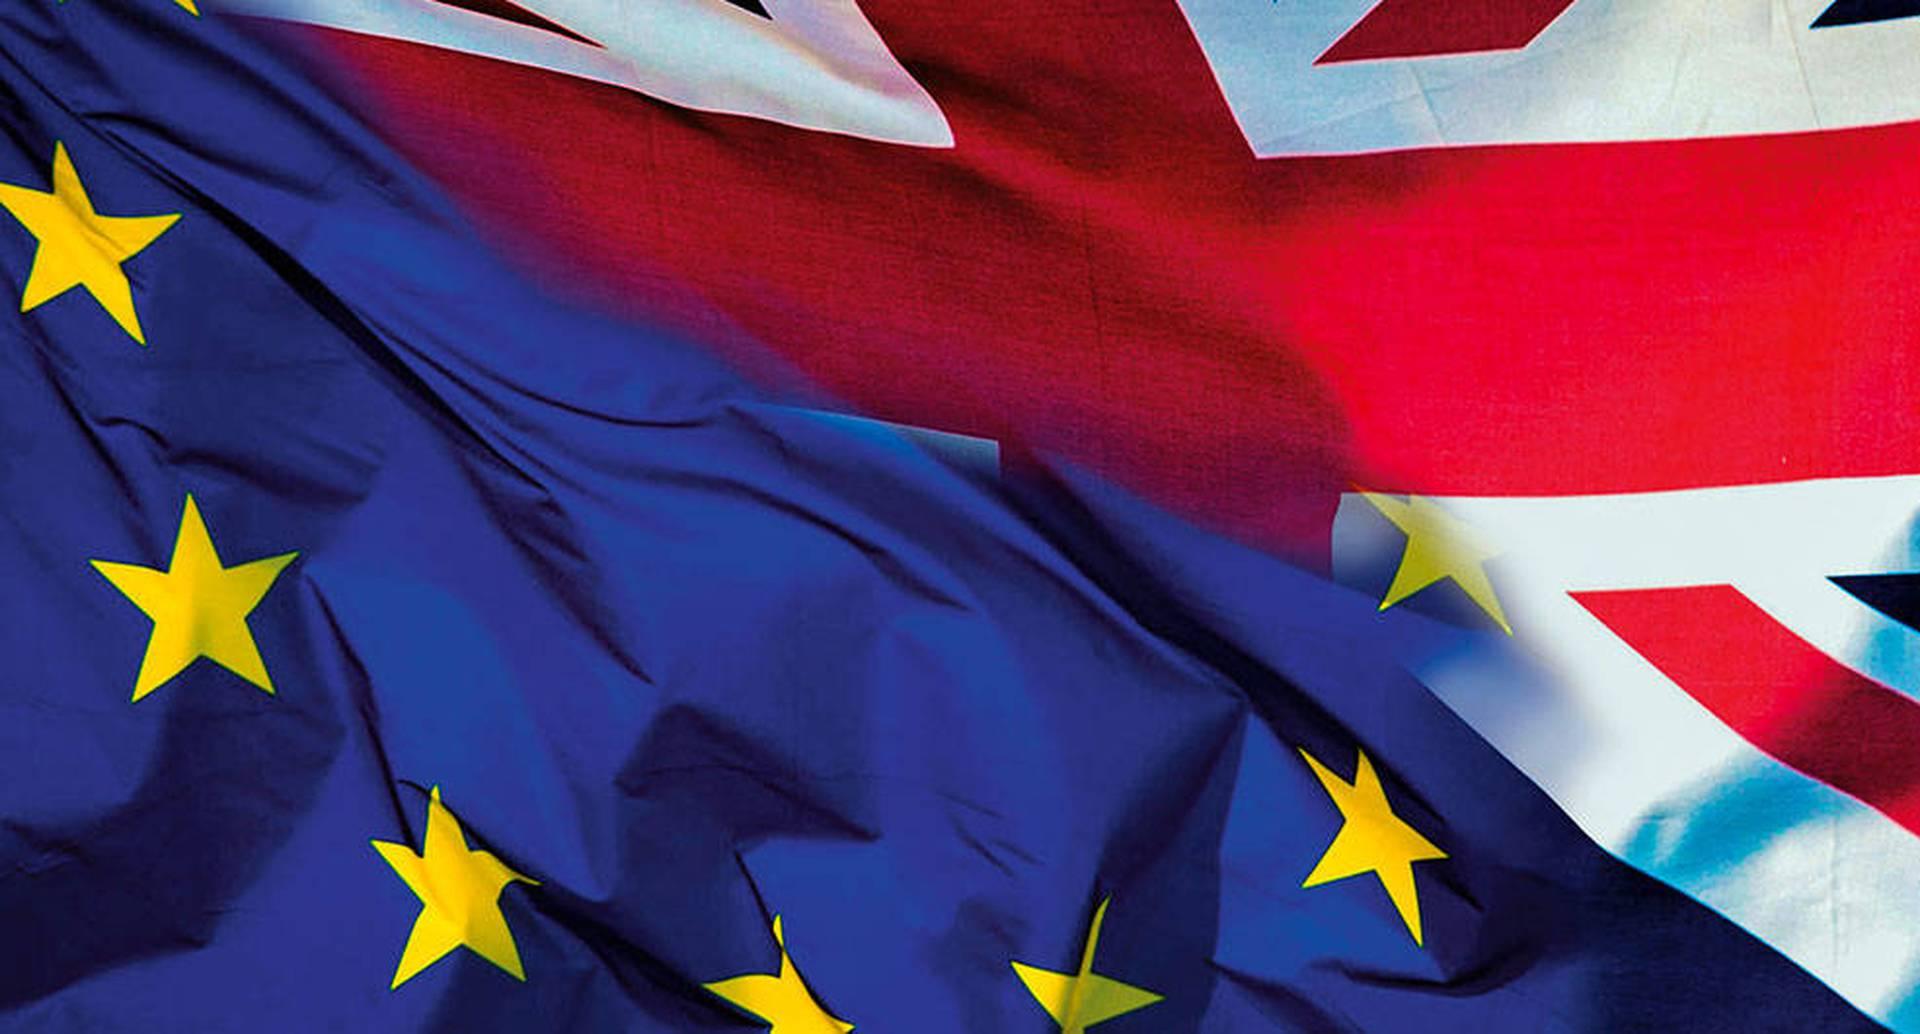 La salida del Reino unido de la Unión Europea preocupa a la comunidad internacional. Pero le da una oportunidad a Francia de figurar.